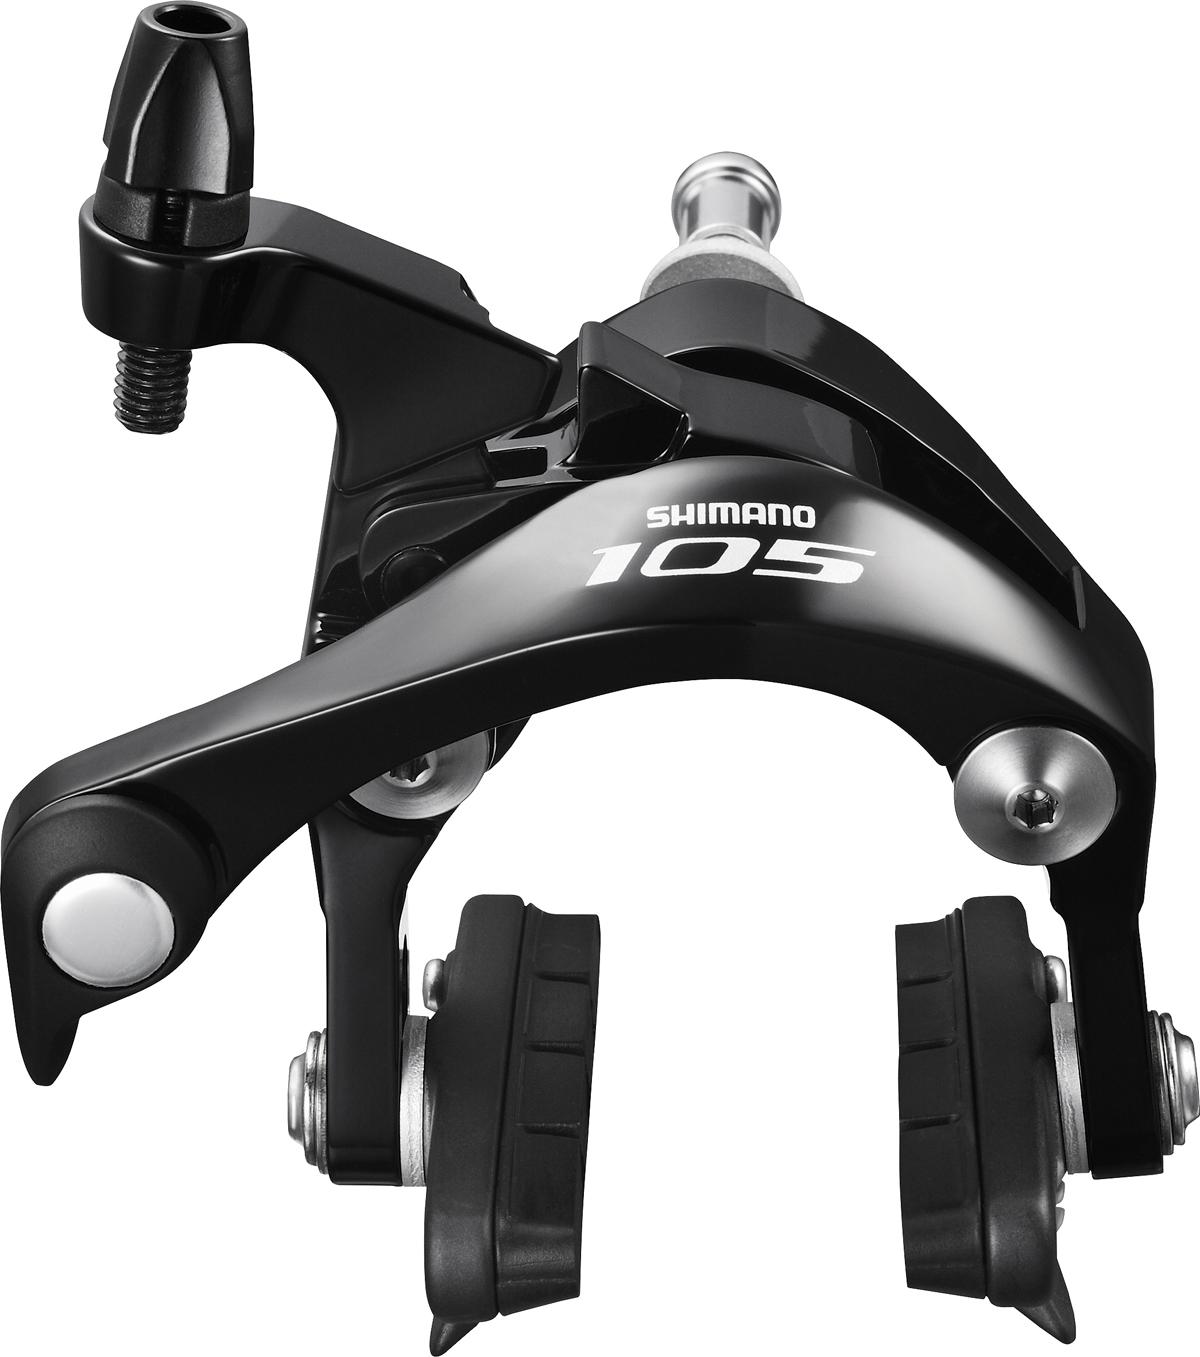 SHIMANO brzda 105 BR-5800 silniční zadní R55C4 černá šr:10,5 mm bal